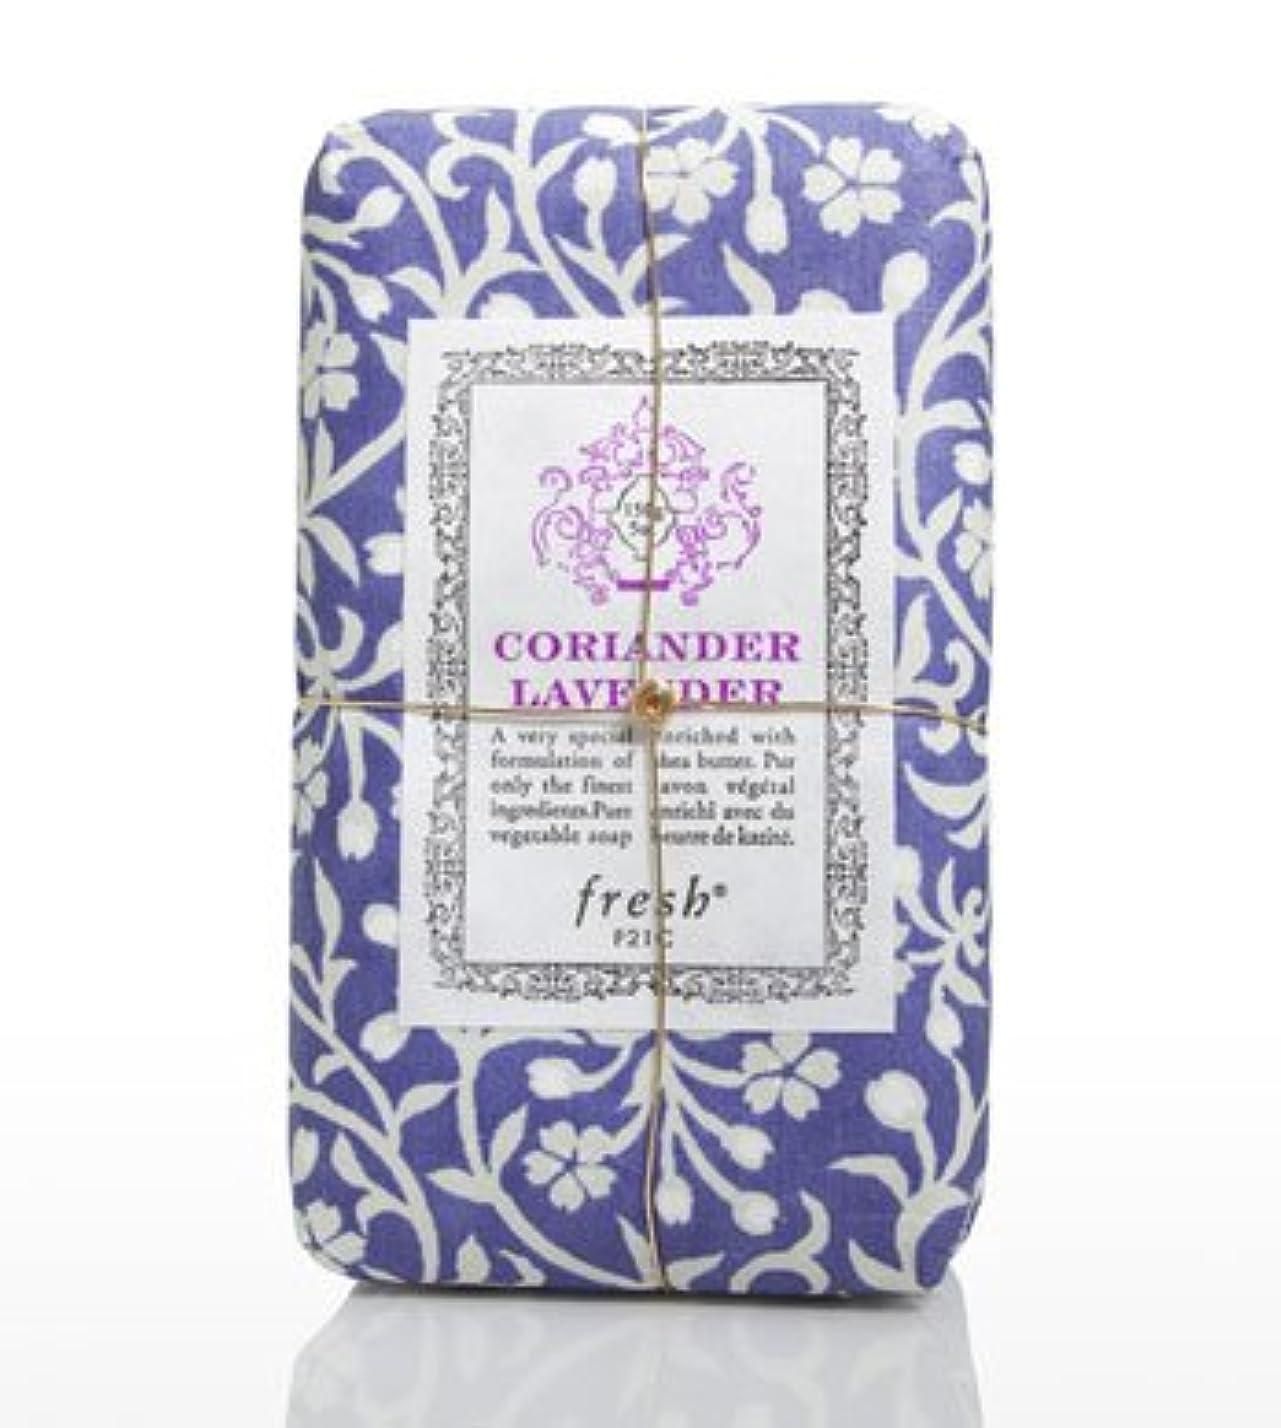 干渉補正過半数Fresh CORIANDER LAVENDAR SOAP(フレッシュ コリアンダーラベンダー ソープ) 5.0 oz (150gl) 石鹸 by Fresh